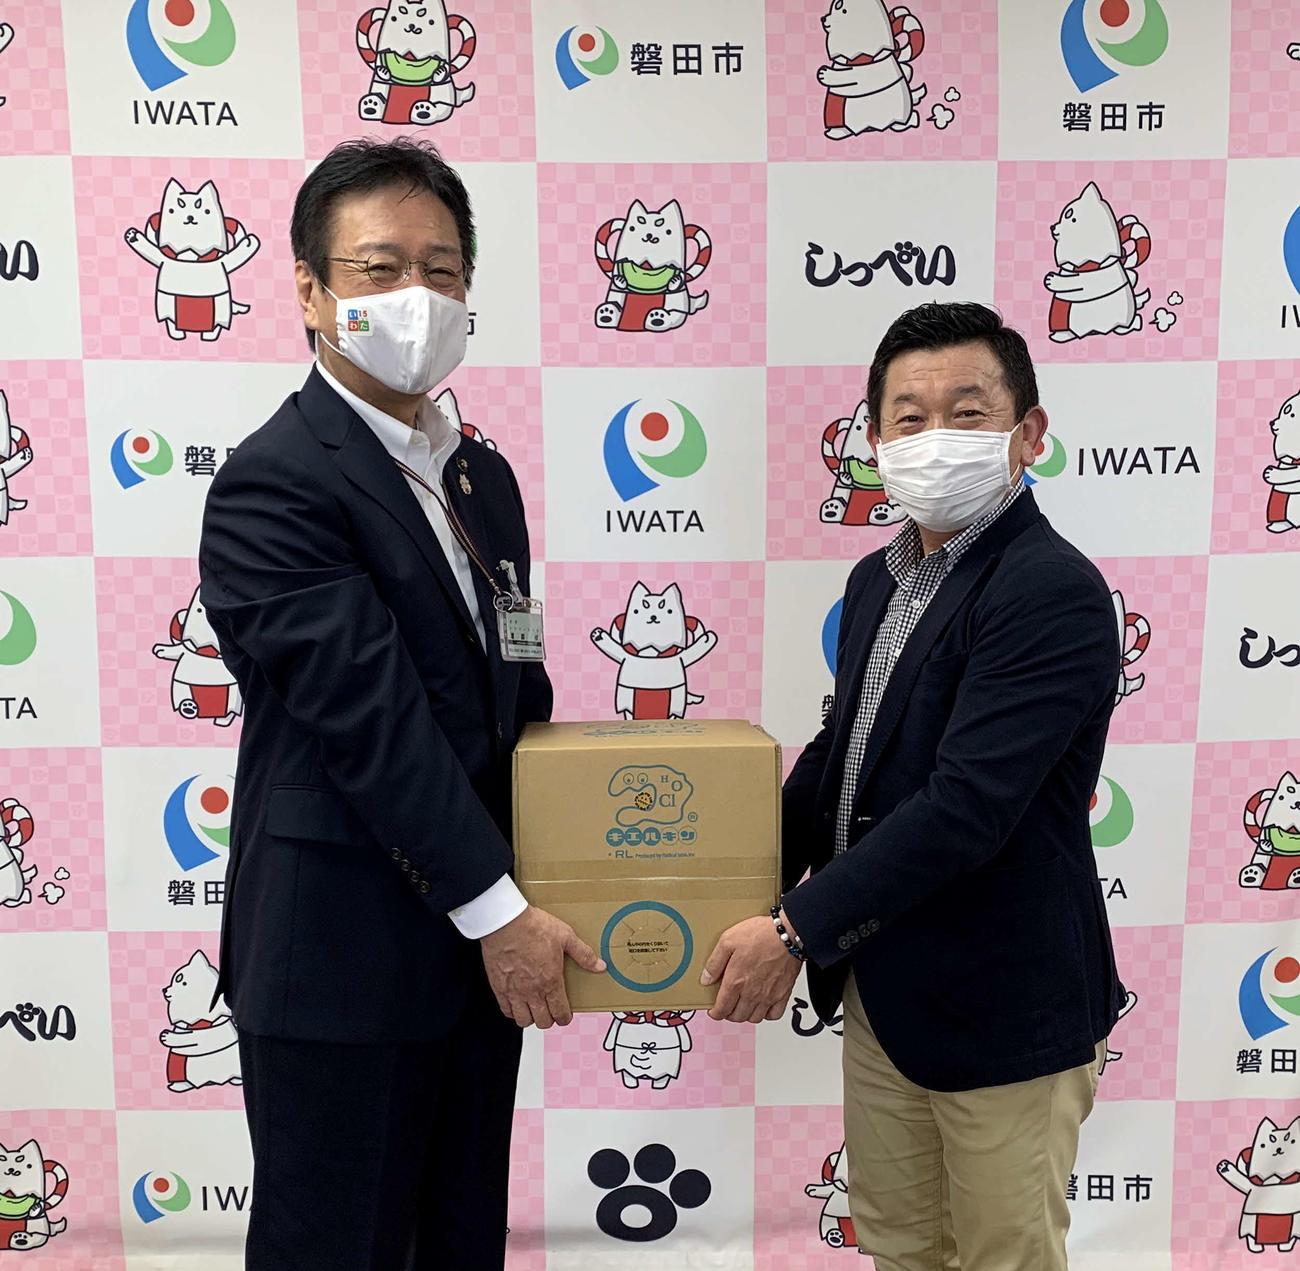 贈呈式に出席した磐田市の渡部市長(左)と磐田ホームタウン部の加藤部長